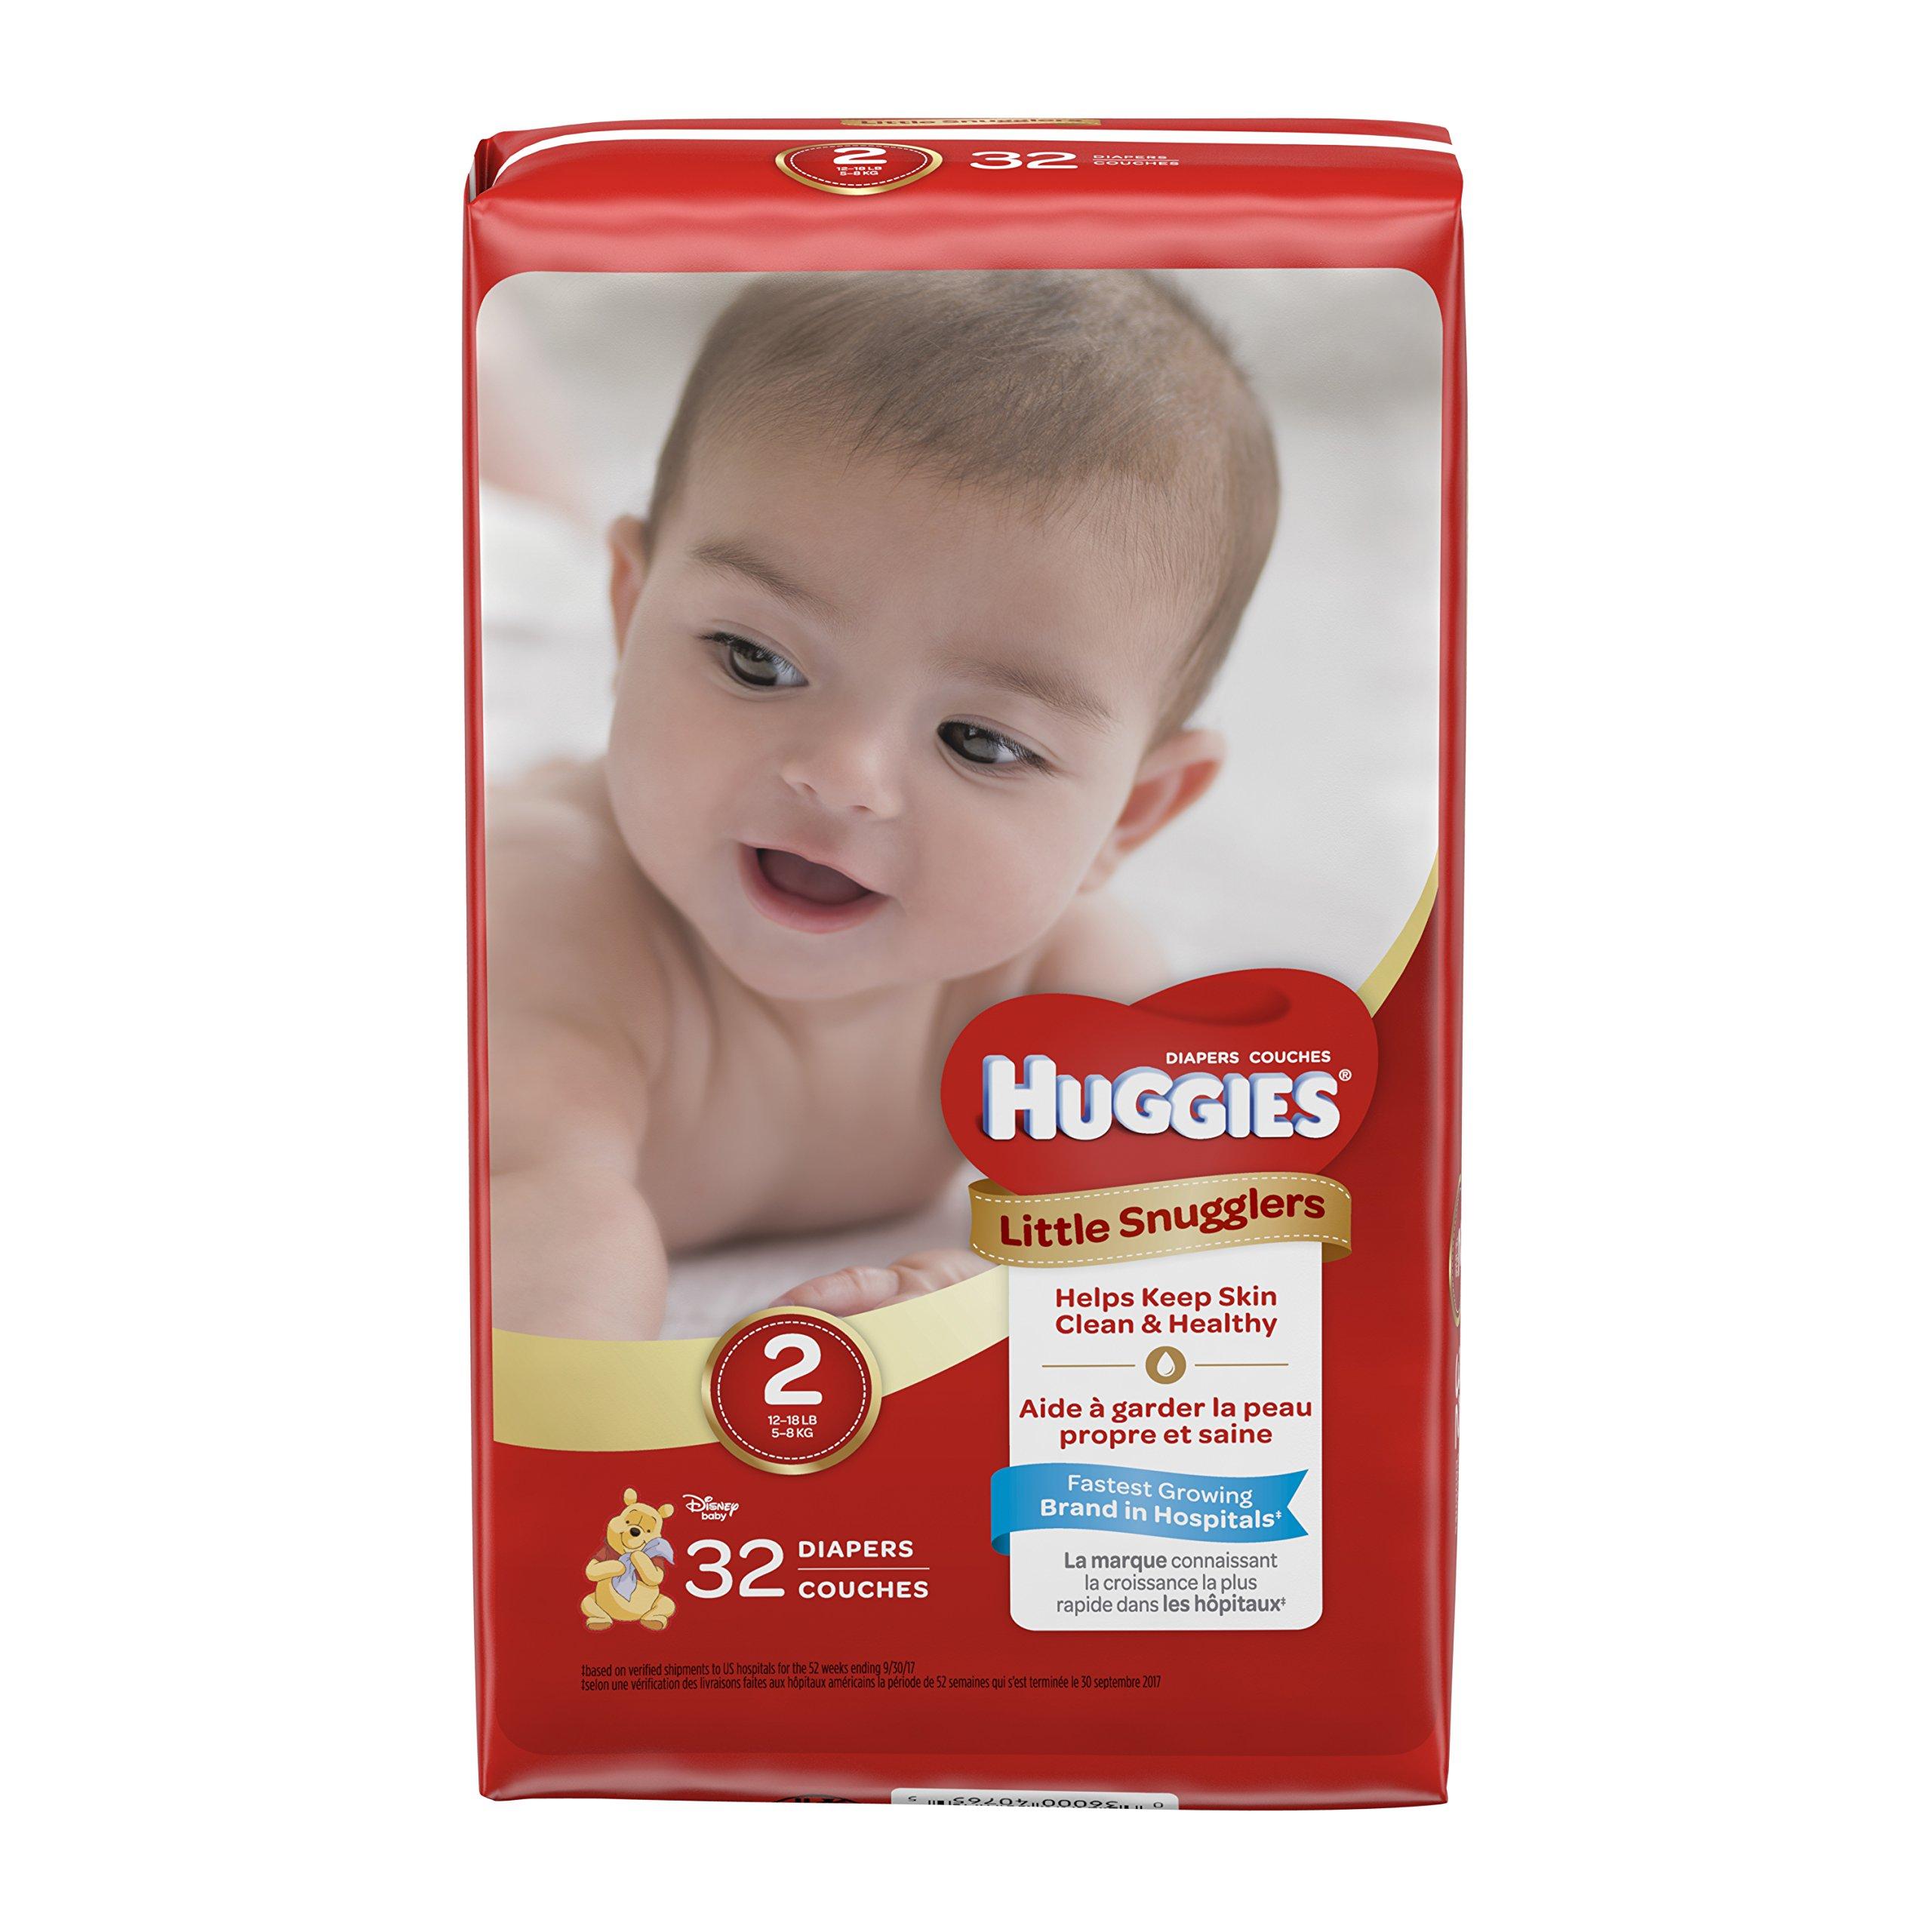 Huggies Little Snugglers Baby Diapers by HUGGIES